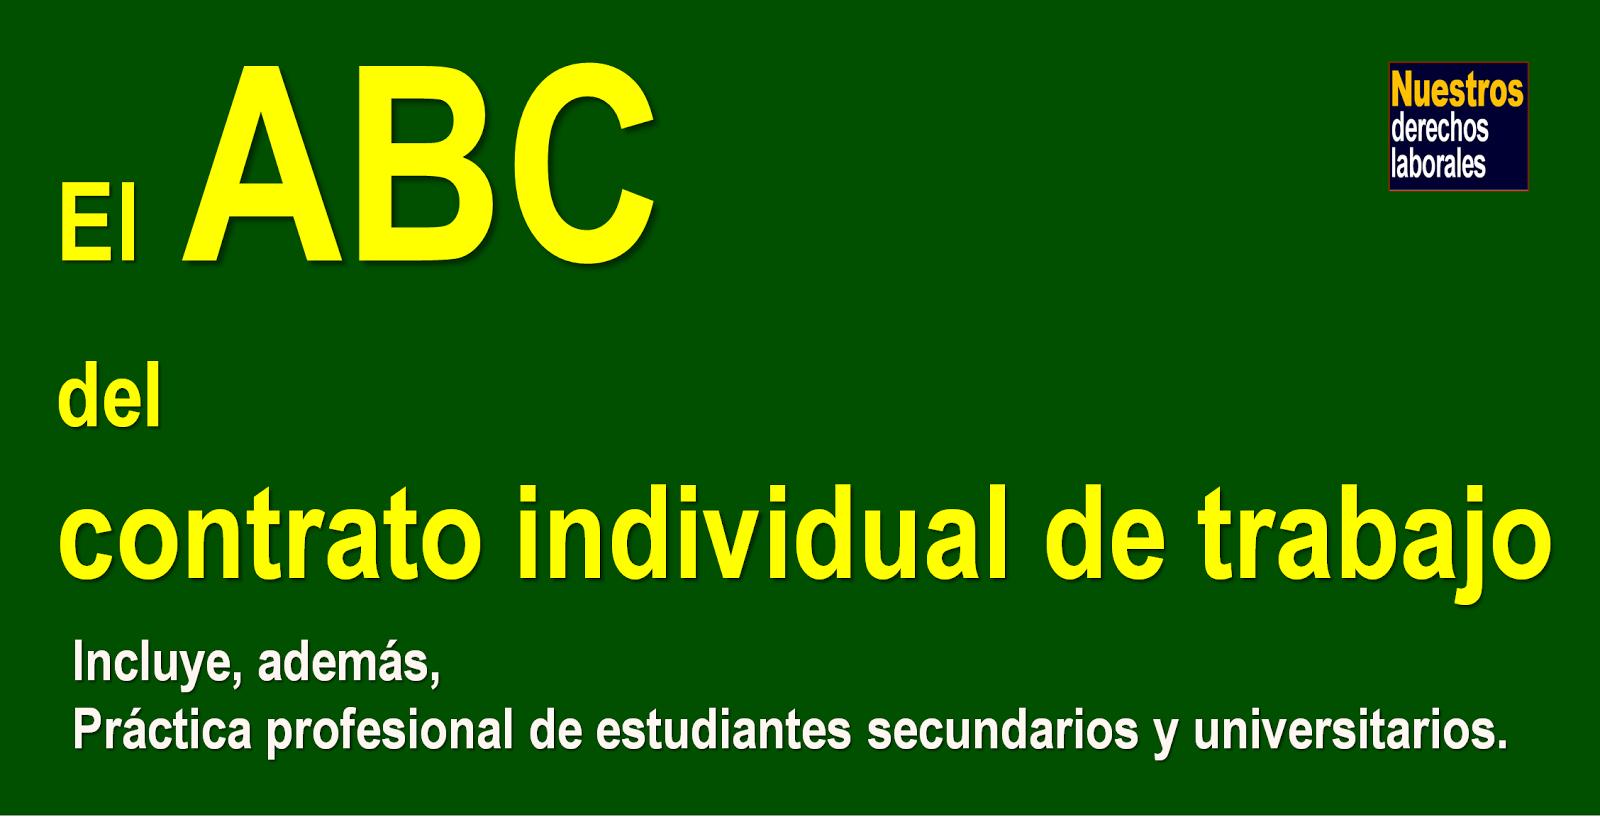 ABC del CONTRATO INDIVIDUAL DE TRABAJO.